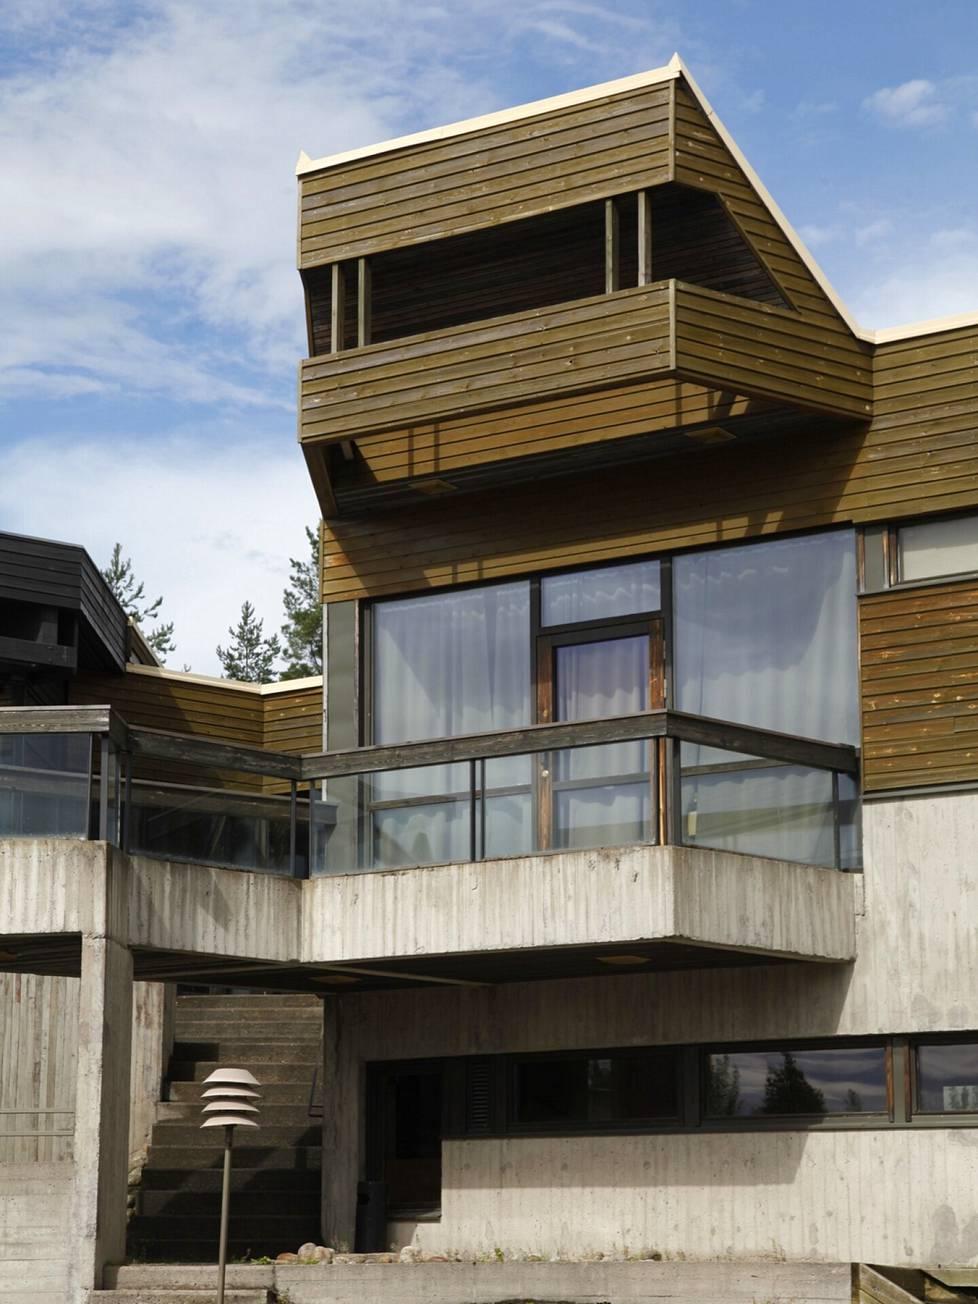 Hotelli Mesikämmen Ähtärissä on Timo ja Tuomo Suomalaisen suunnittelema. Se valmistui vuonna 1976.